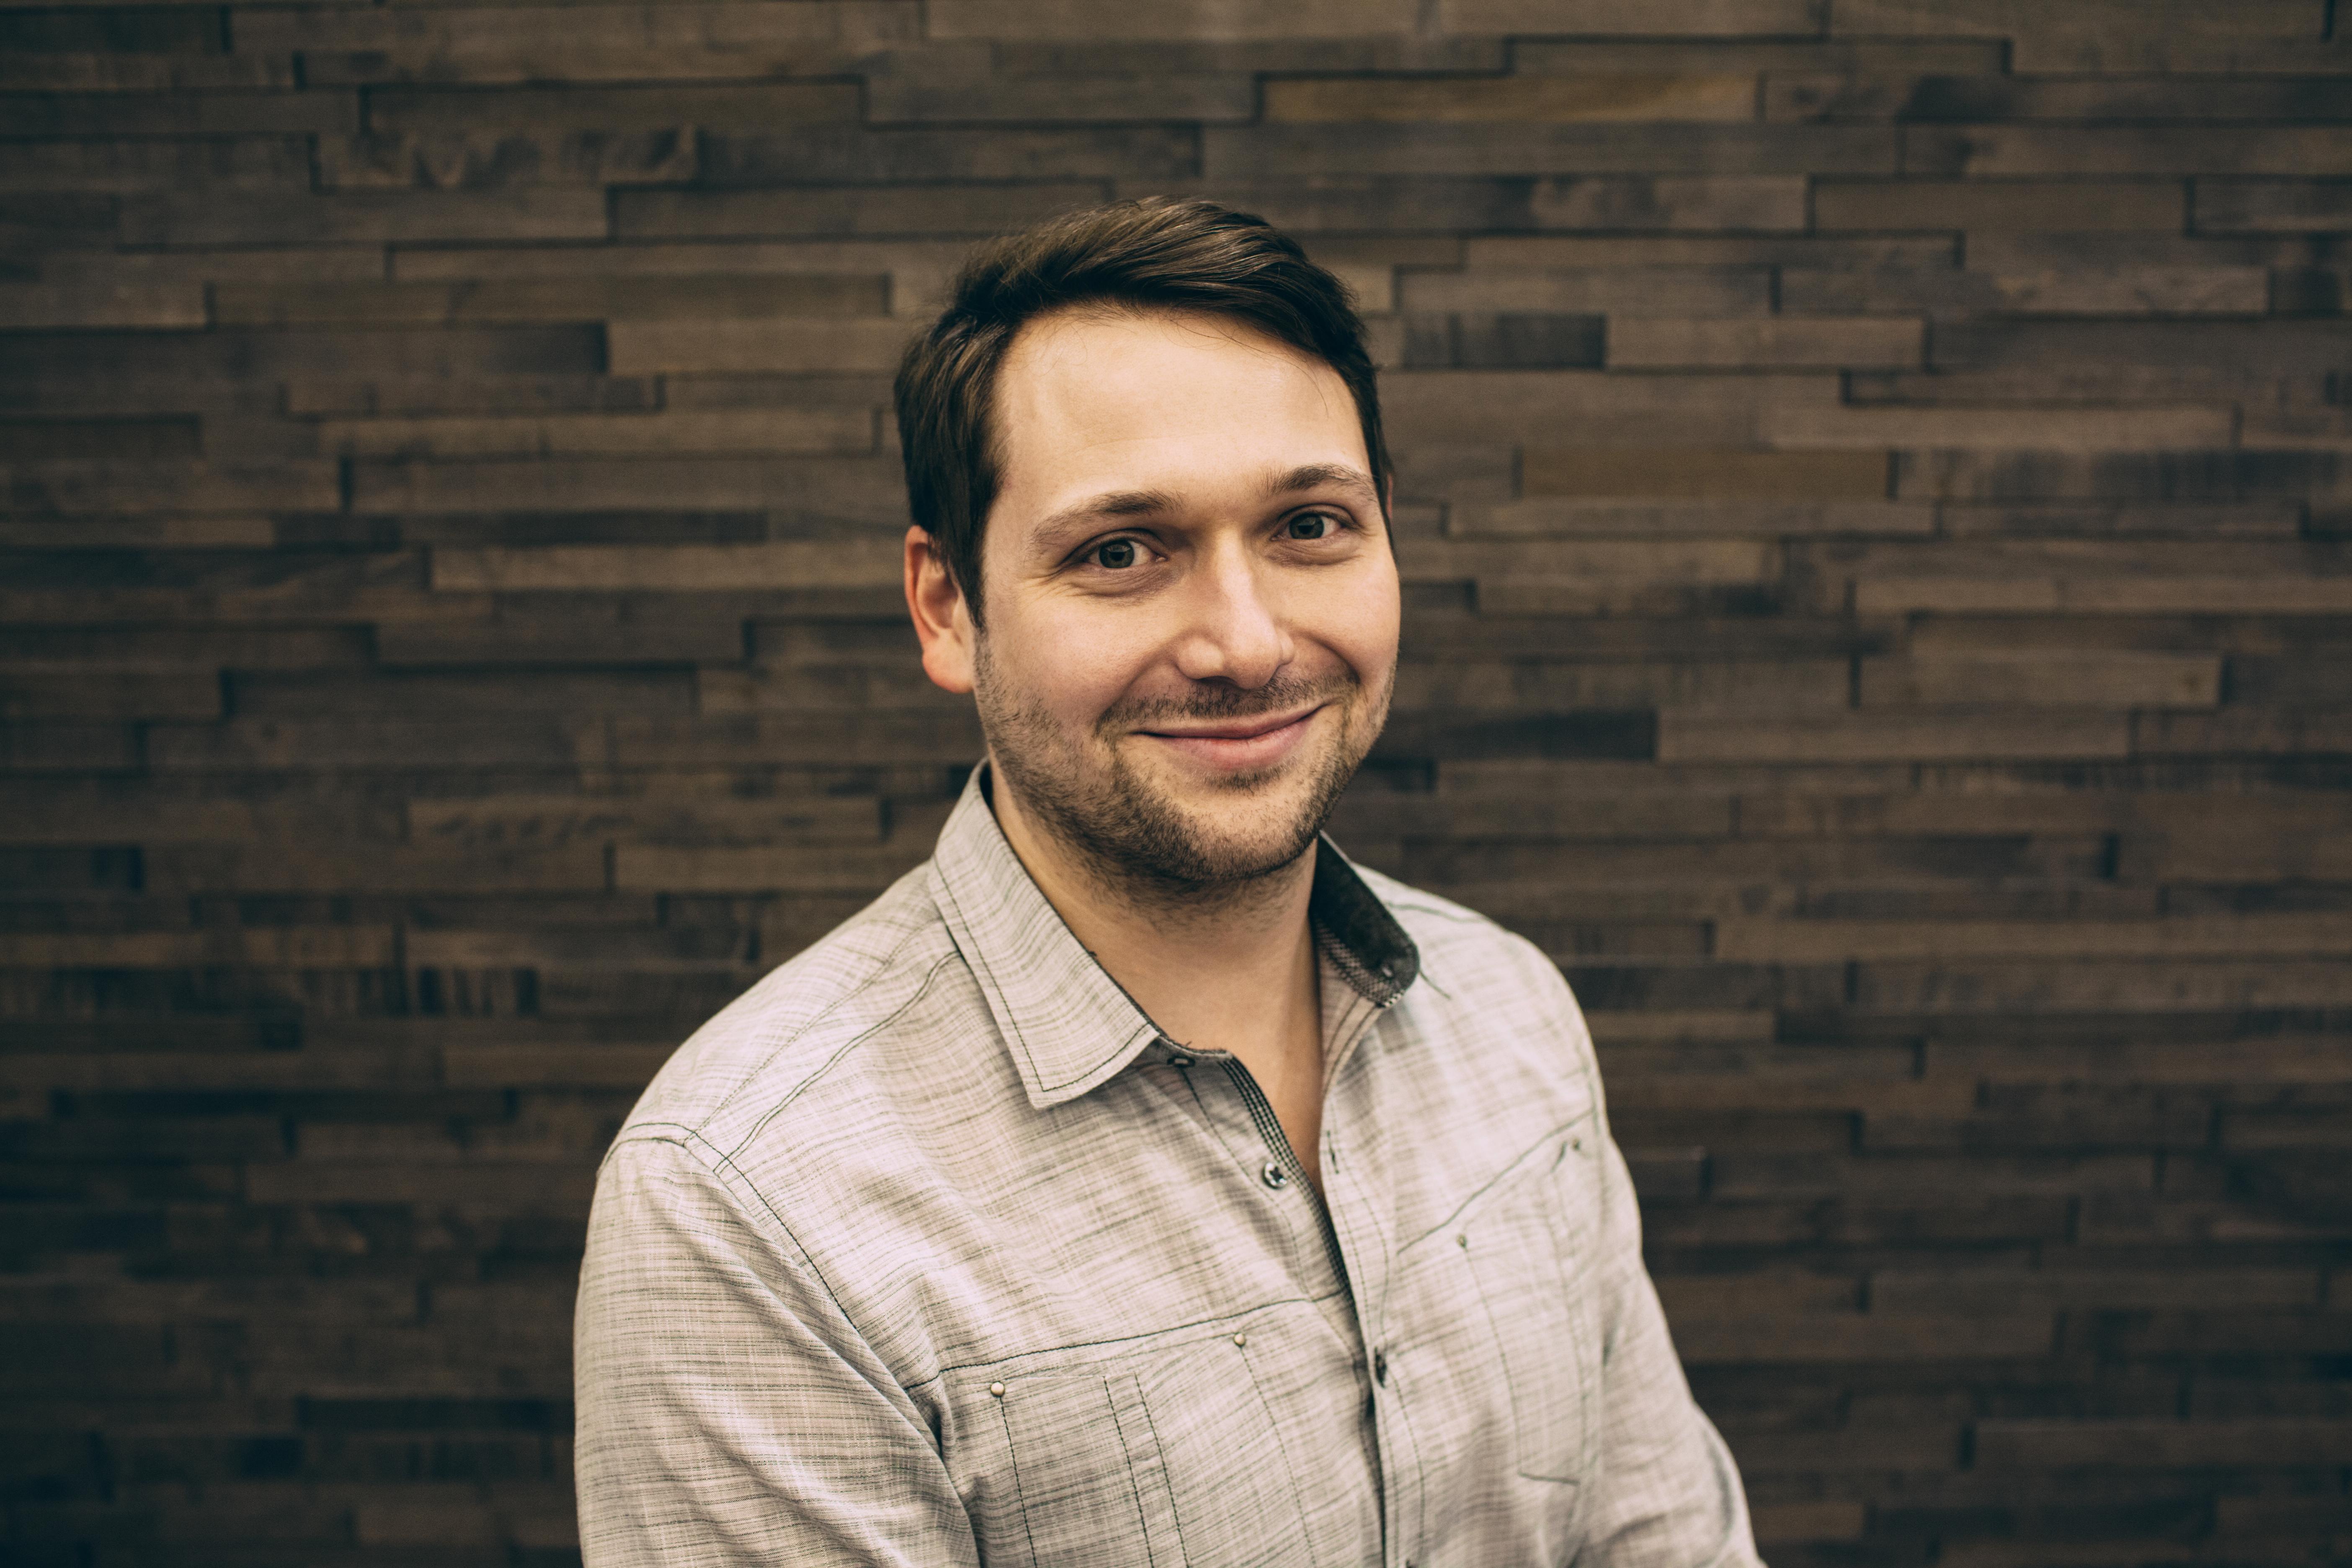 Aaron Rankin